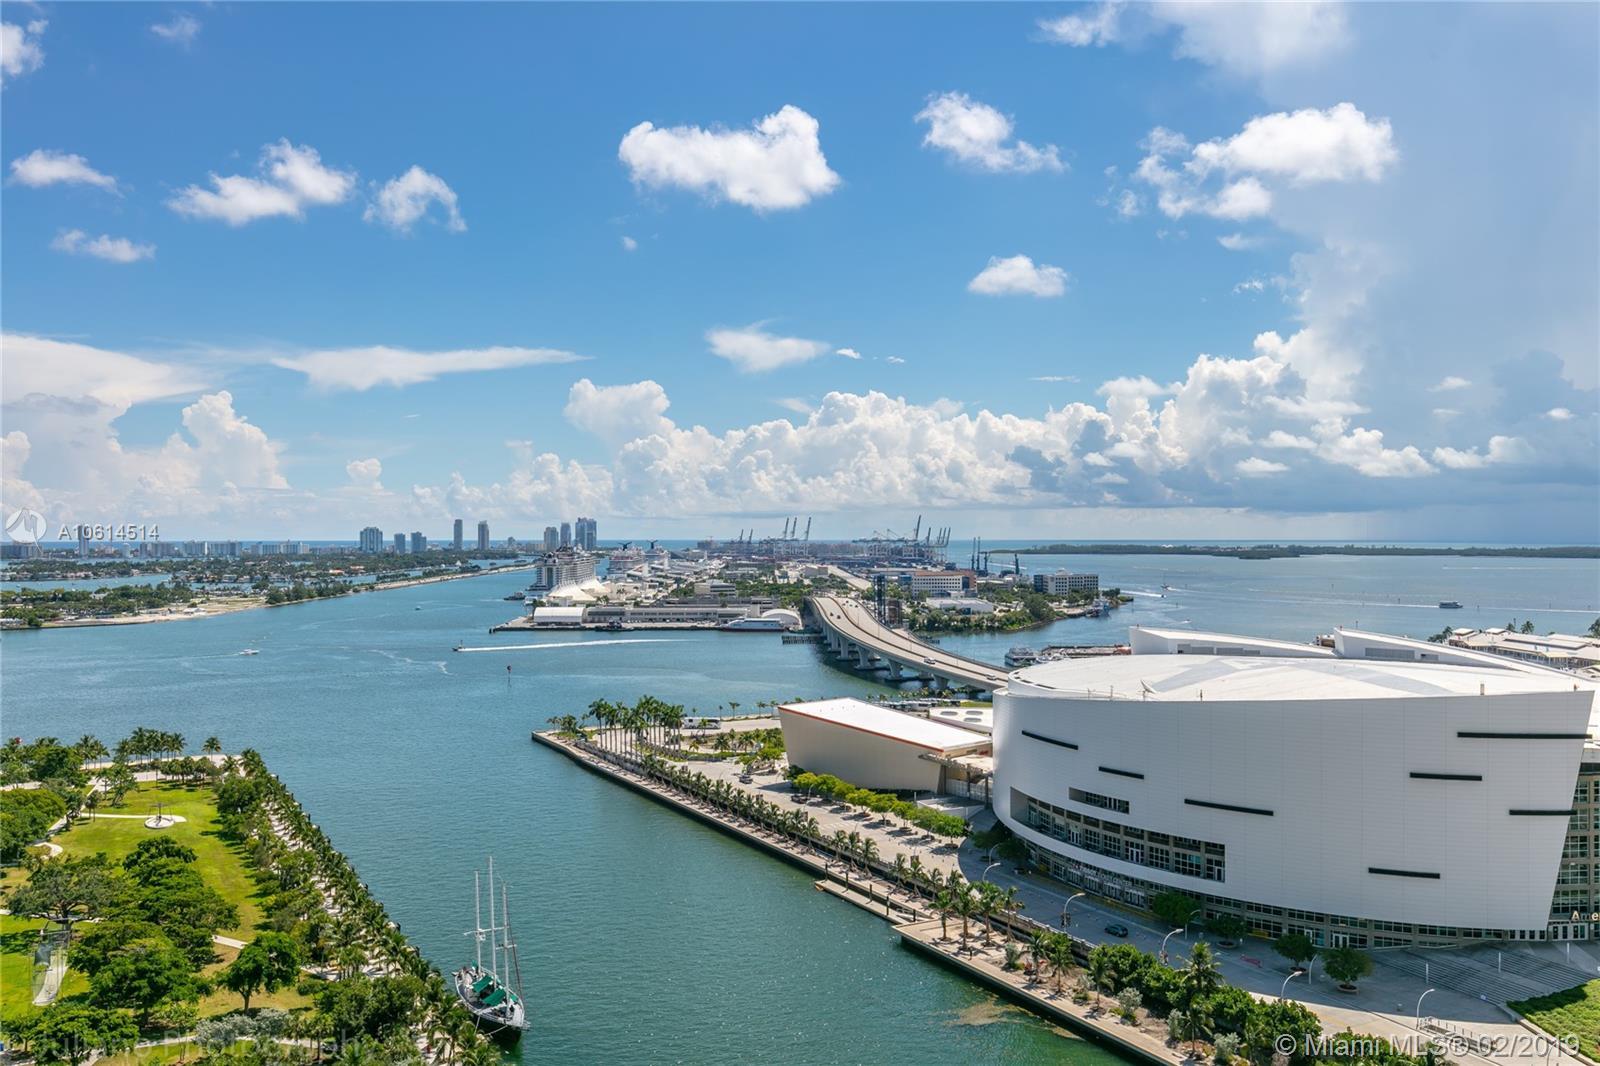 900 Biscayne Bay #2609 - 900 Biscayne Blvd #2609, Miami, FL 33132